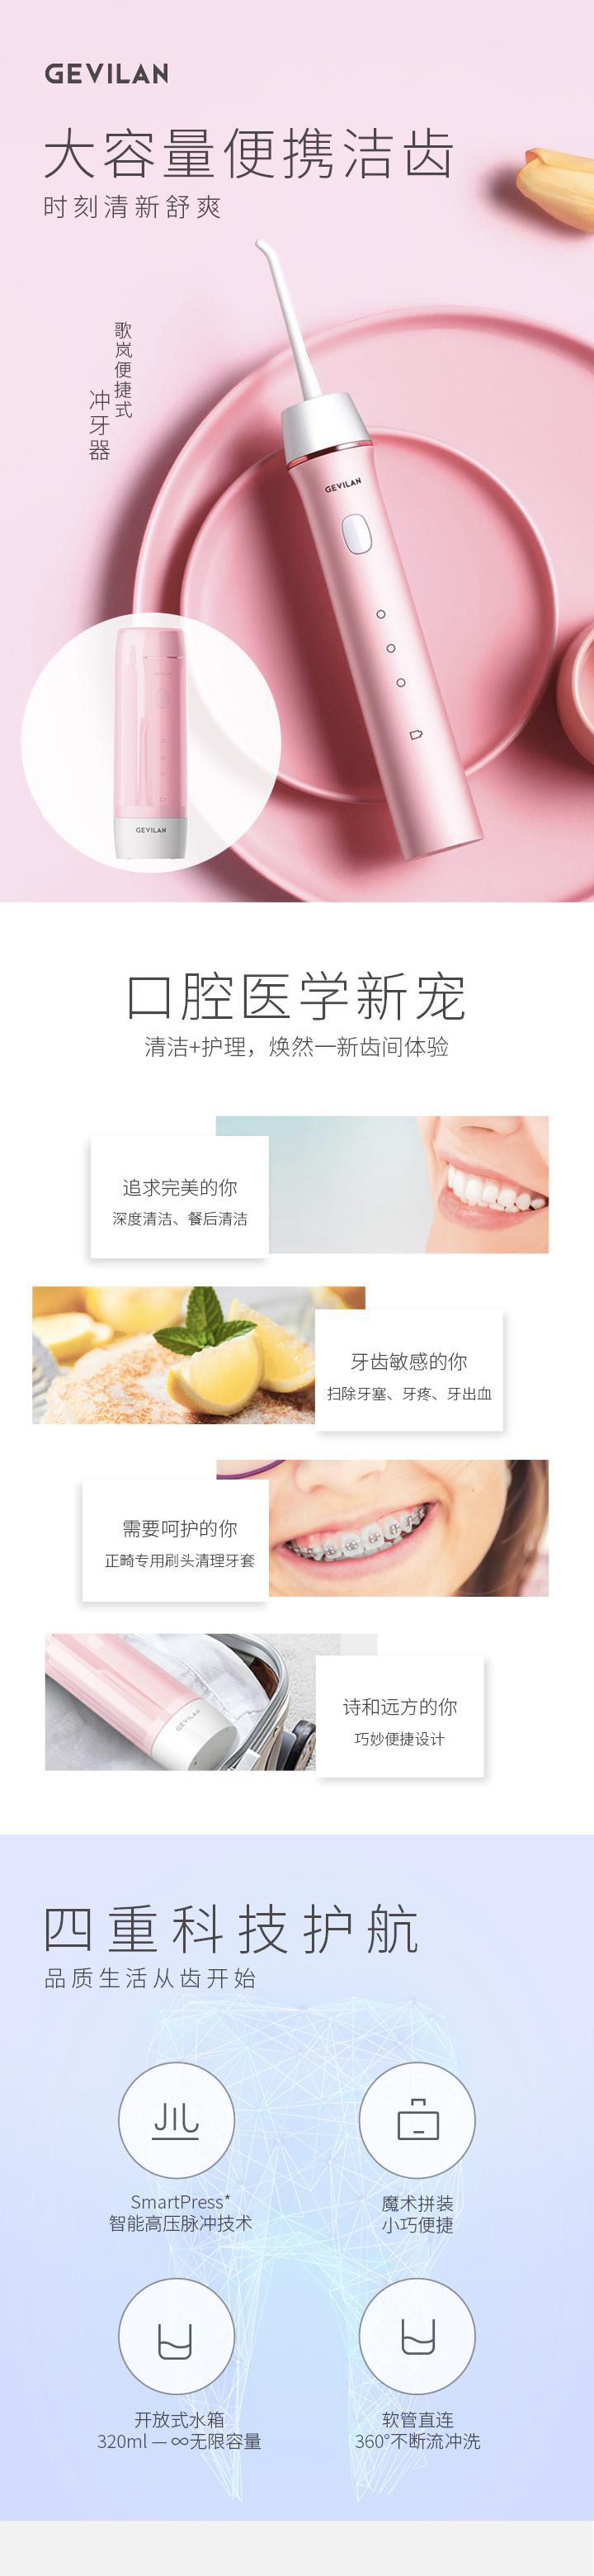 【轻体验】歌岚便携式冲牙器免费试用,评测